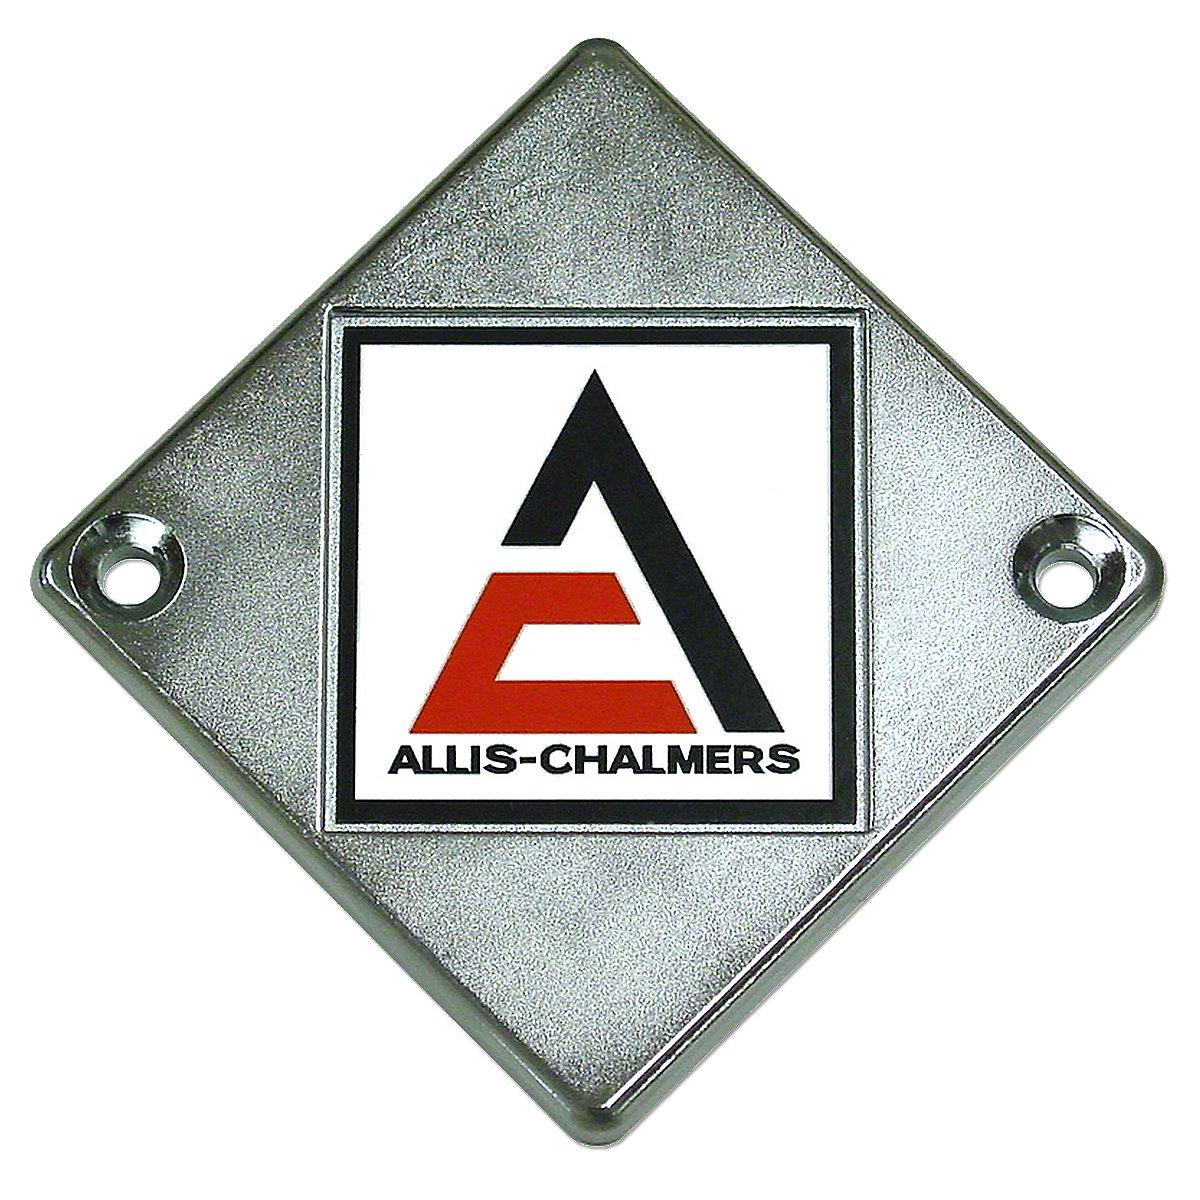 Front Emblem For Allis Chalmers: D10, D12, D15, D17, D21.